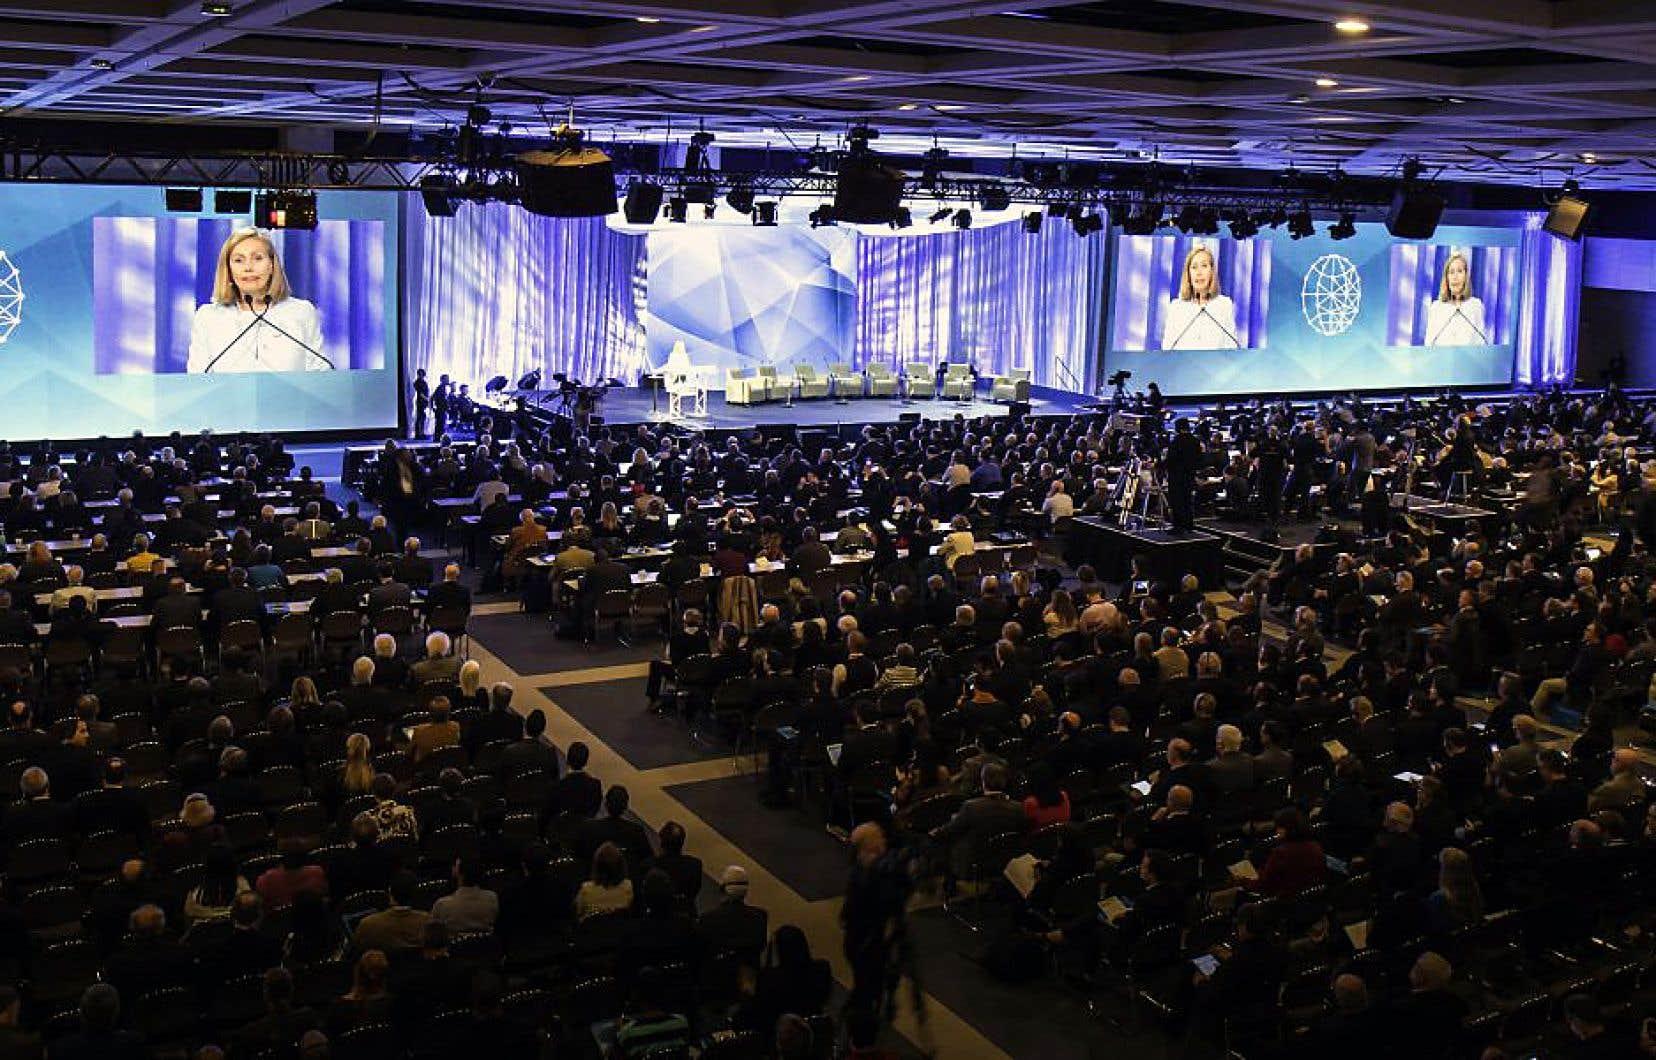 C'est le 26août 1996 que le Centre des congrès de Québec ouvrait ses portes, donnant ainsi une impulsion importante au tourisme d'affaires dans la région de la Vieille Capitale.